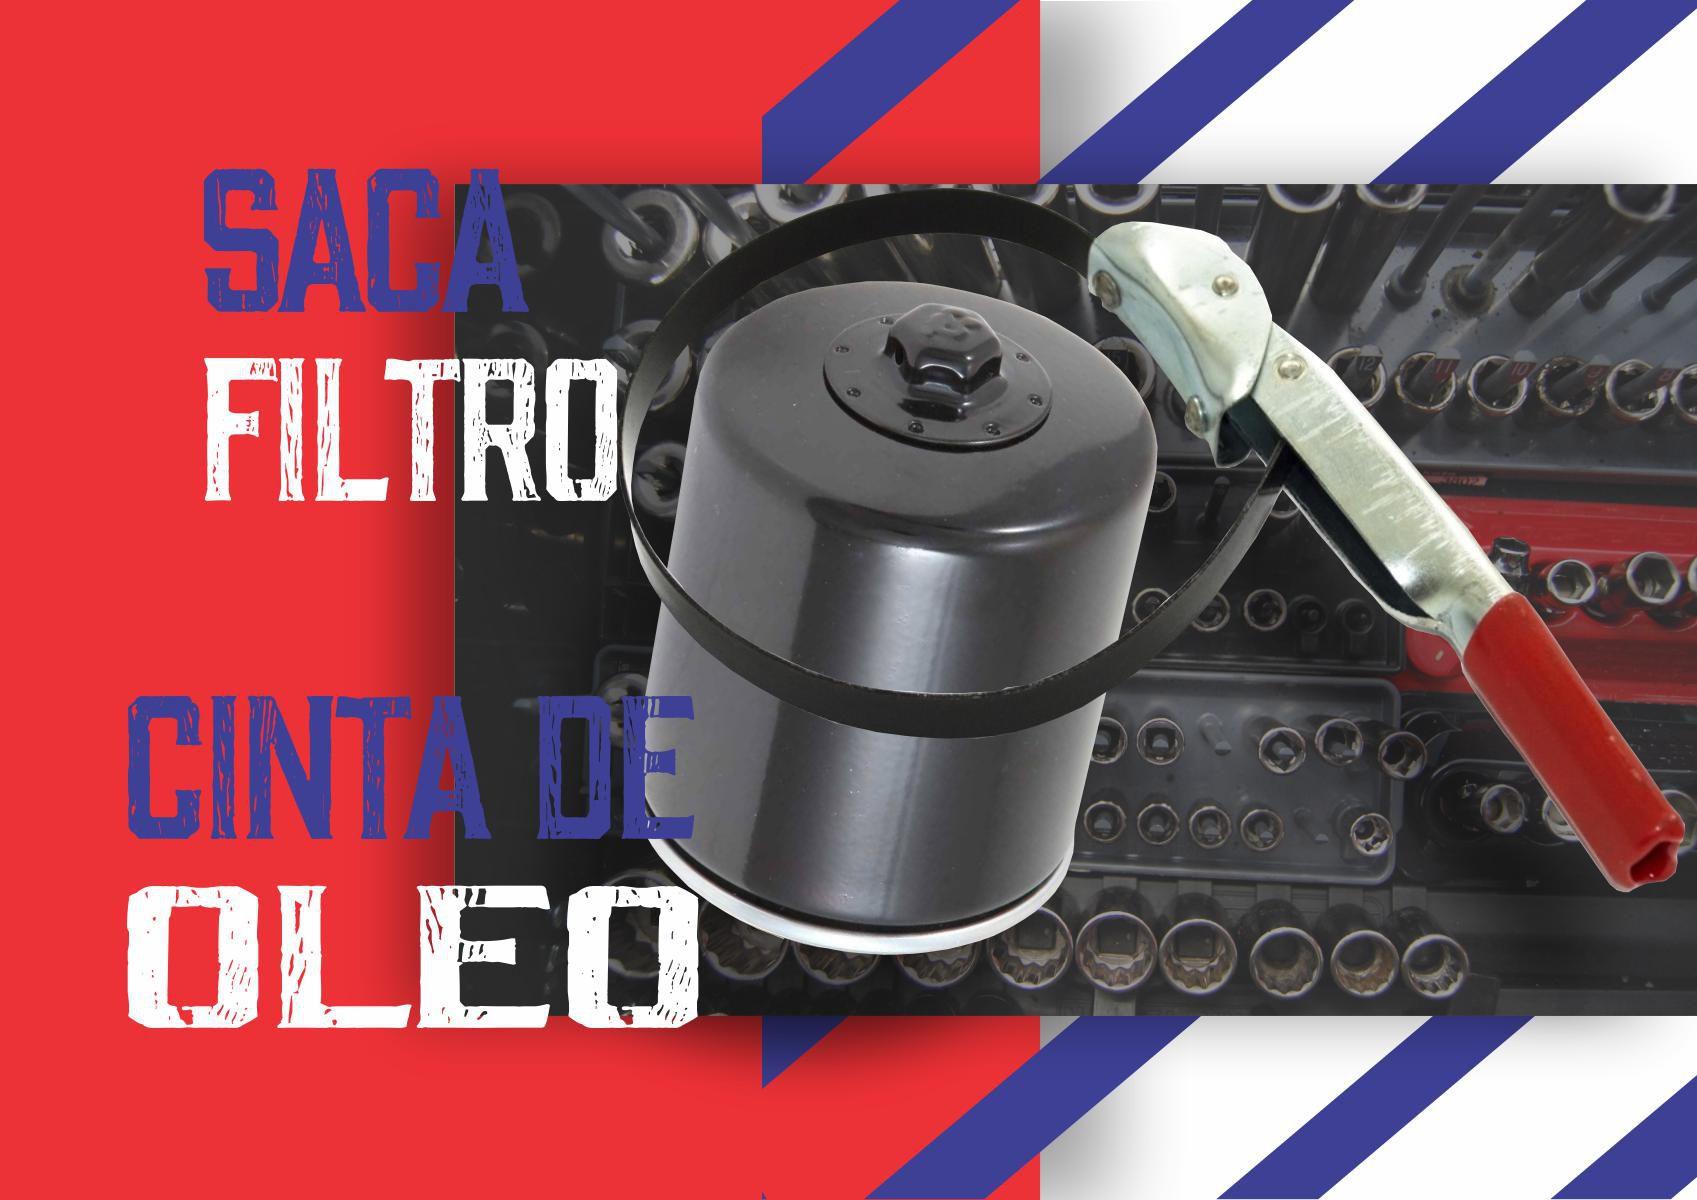 Chave Saca Filtro Cinta De Óleo Ar Do Freio De Volvo 129 x 1  - Rea Comércio - Sua Loja Completa!